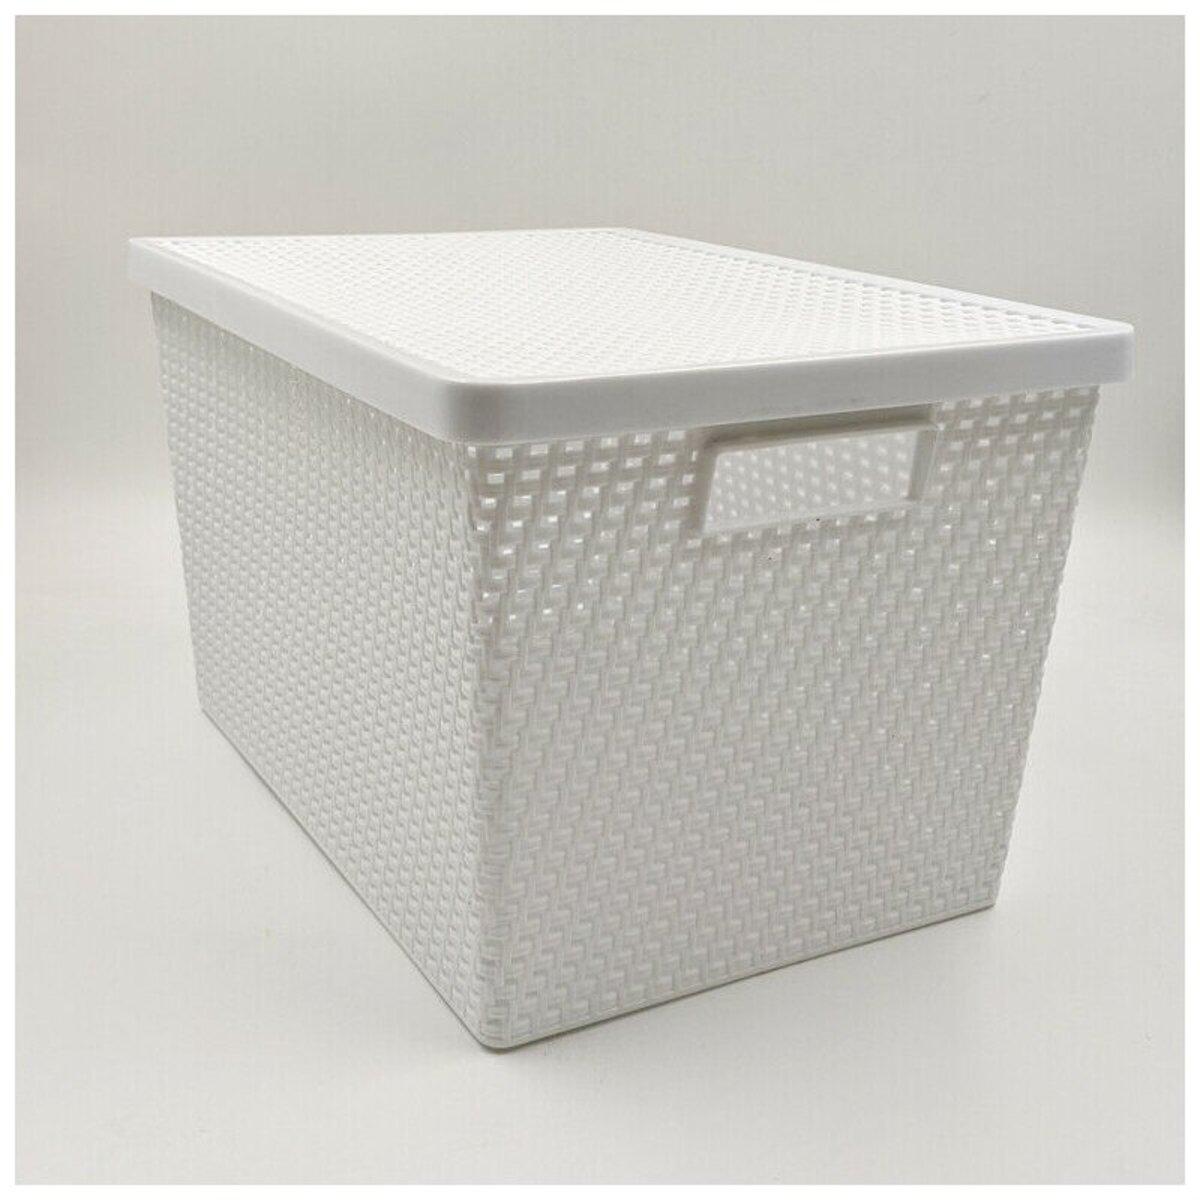 Bild 1 von Aufbewahrungsbox mit Deckel, 37 x 26,5 x 23 cm, verschiedene Farben